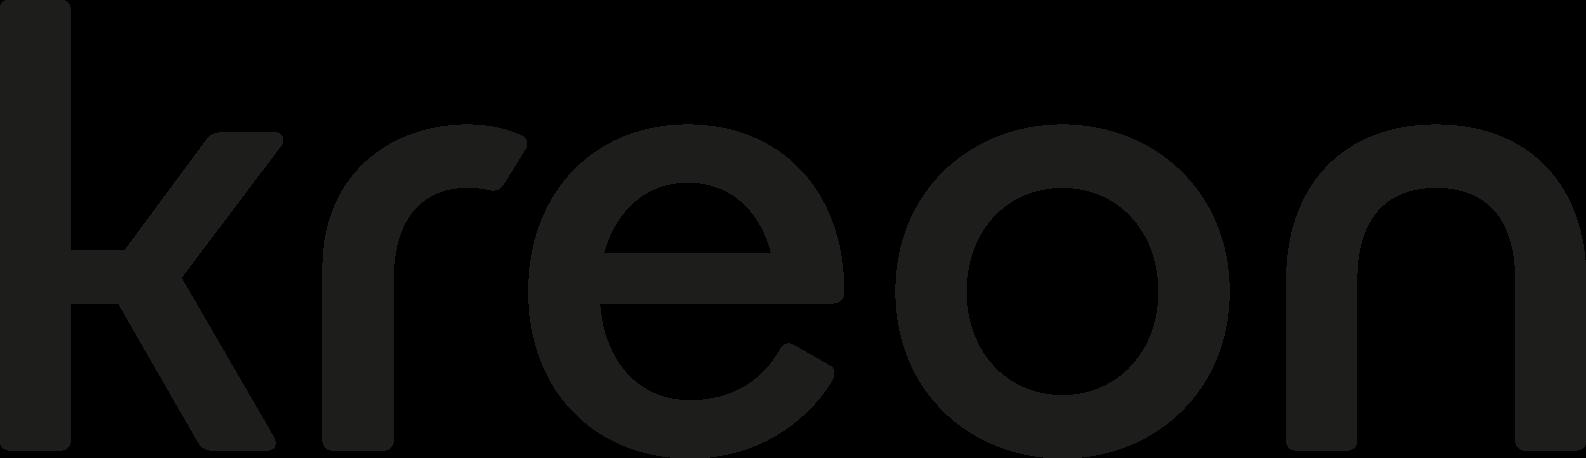 logo_kreon